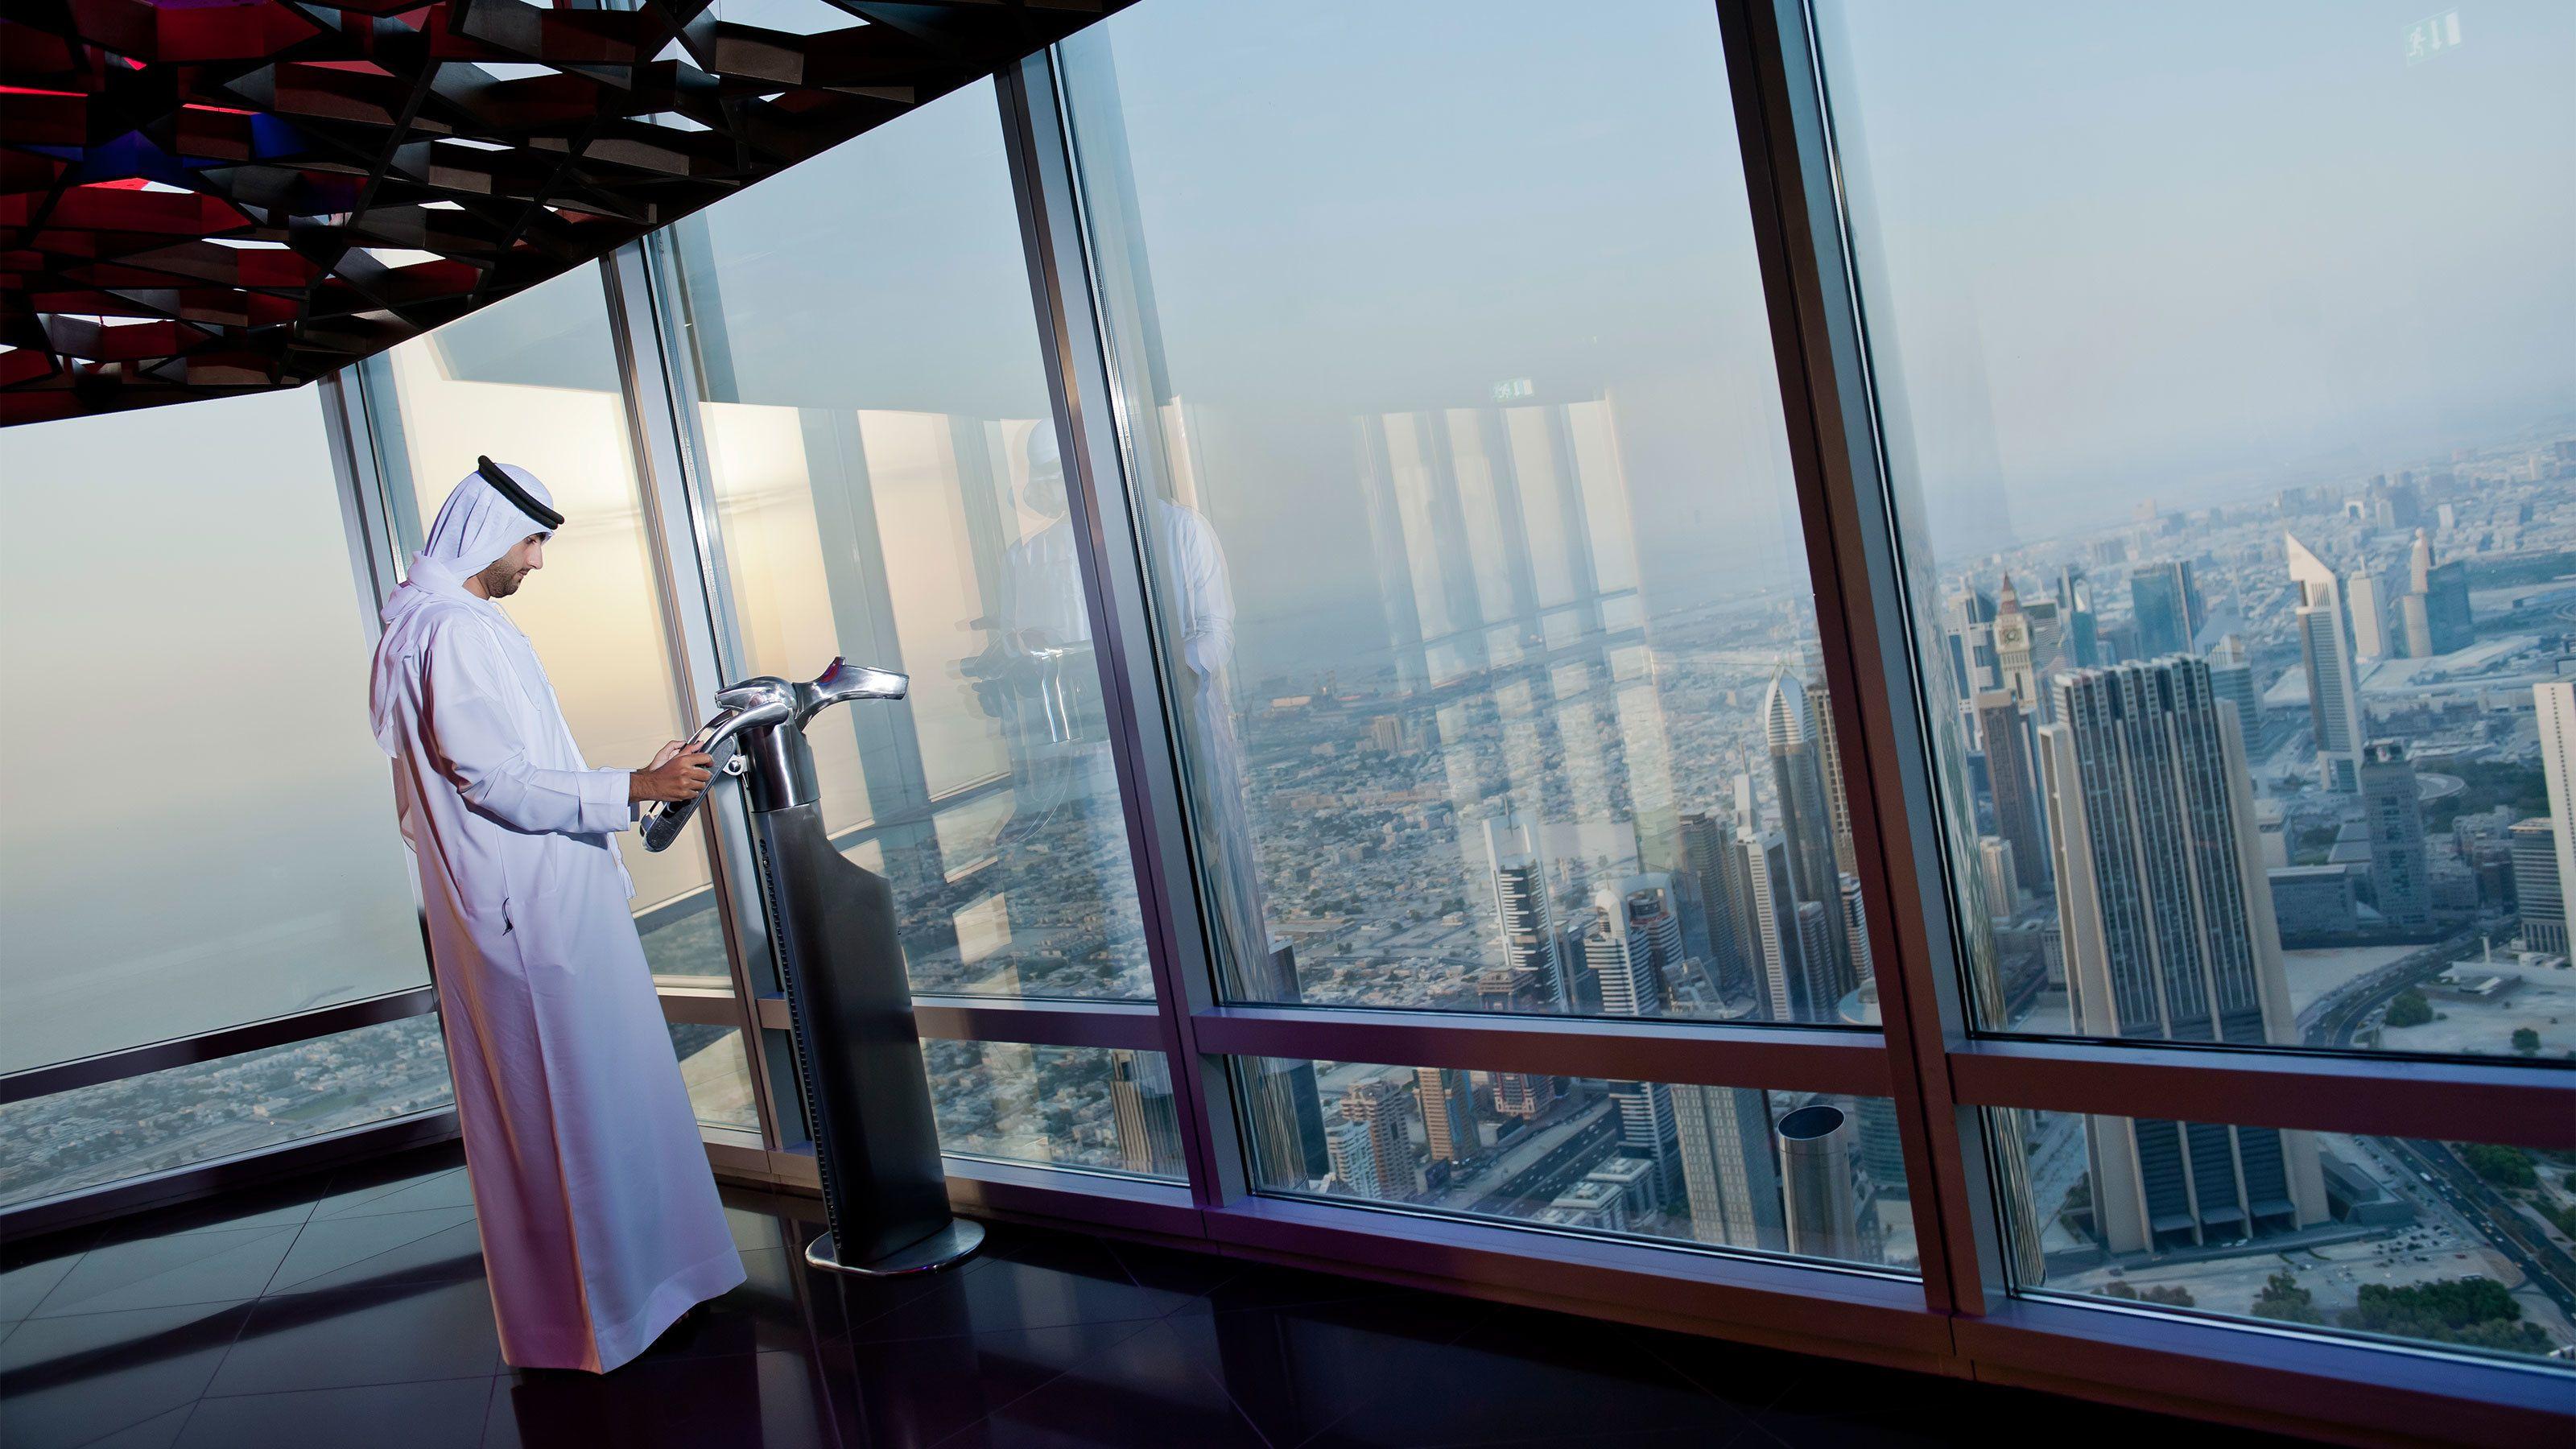 Ticket voor Burj Khalifa SKY Lounge op de 148e verdieping